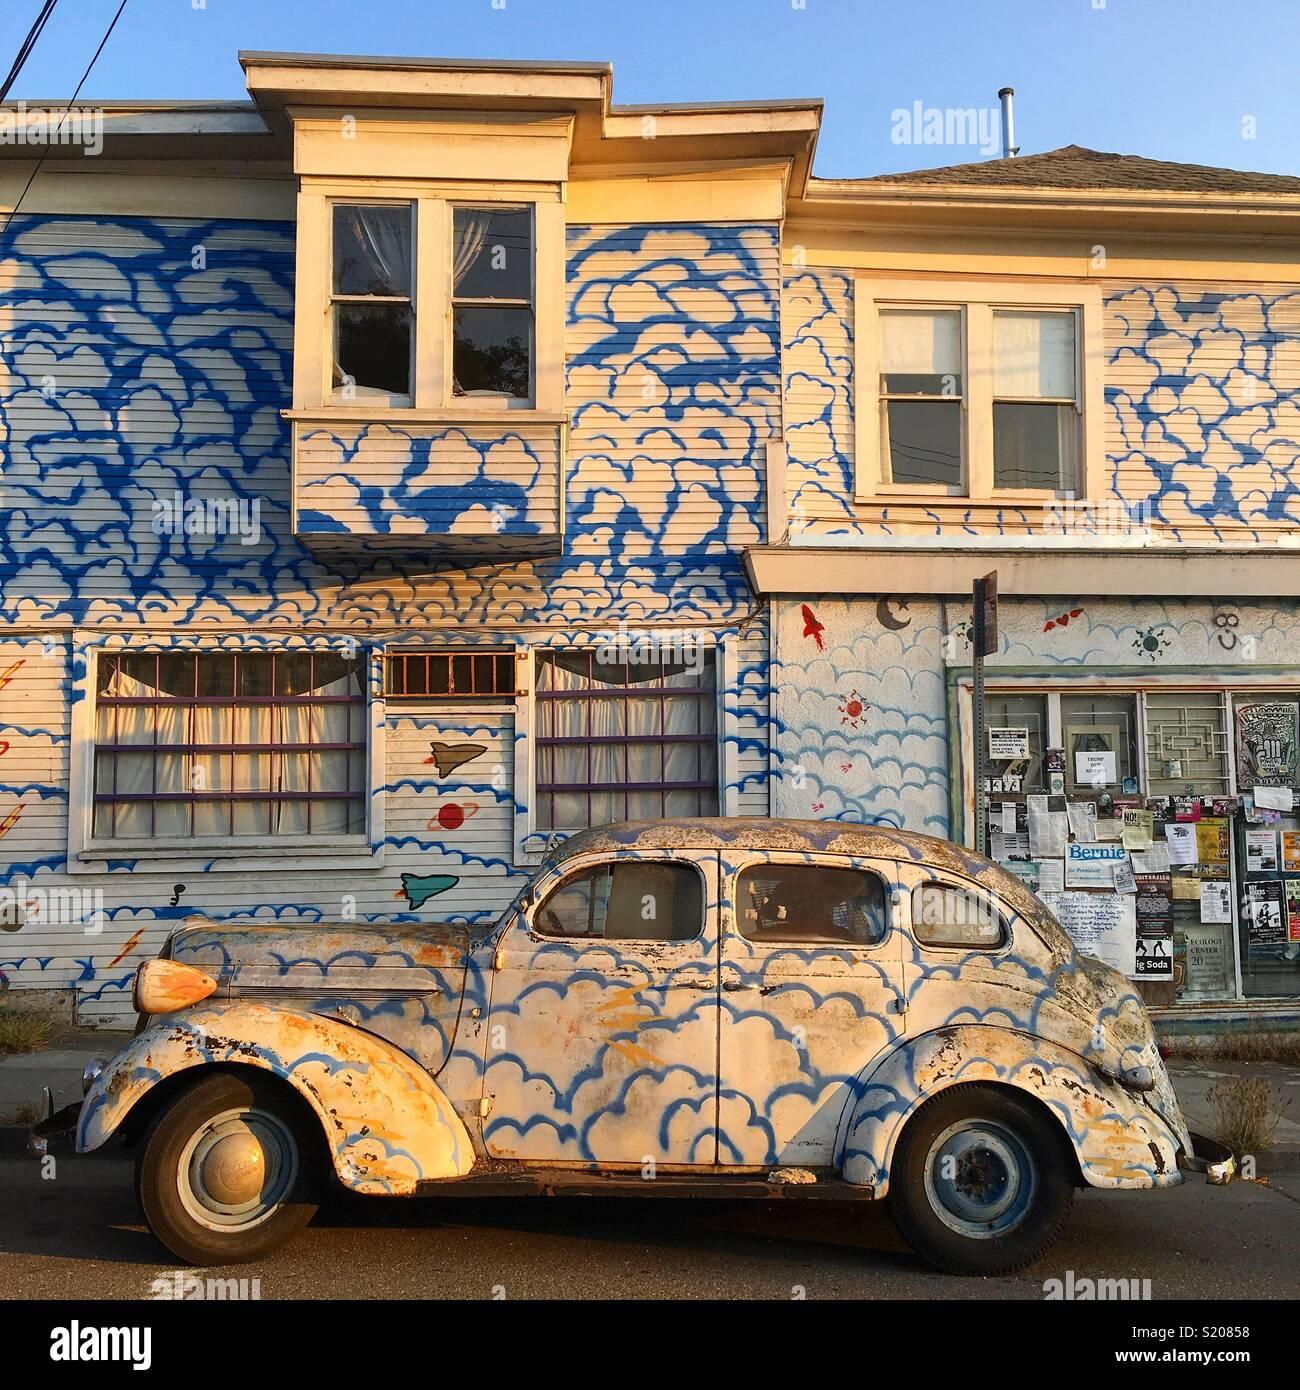 Une voiture garée devant une maison d'une peinture assortie Photo Stock